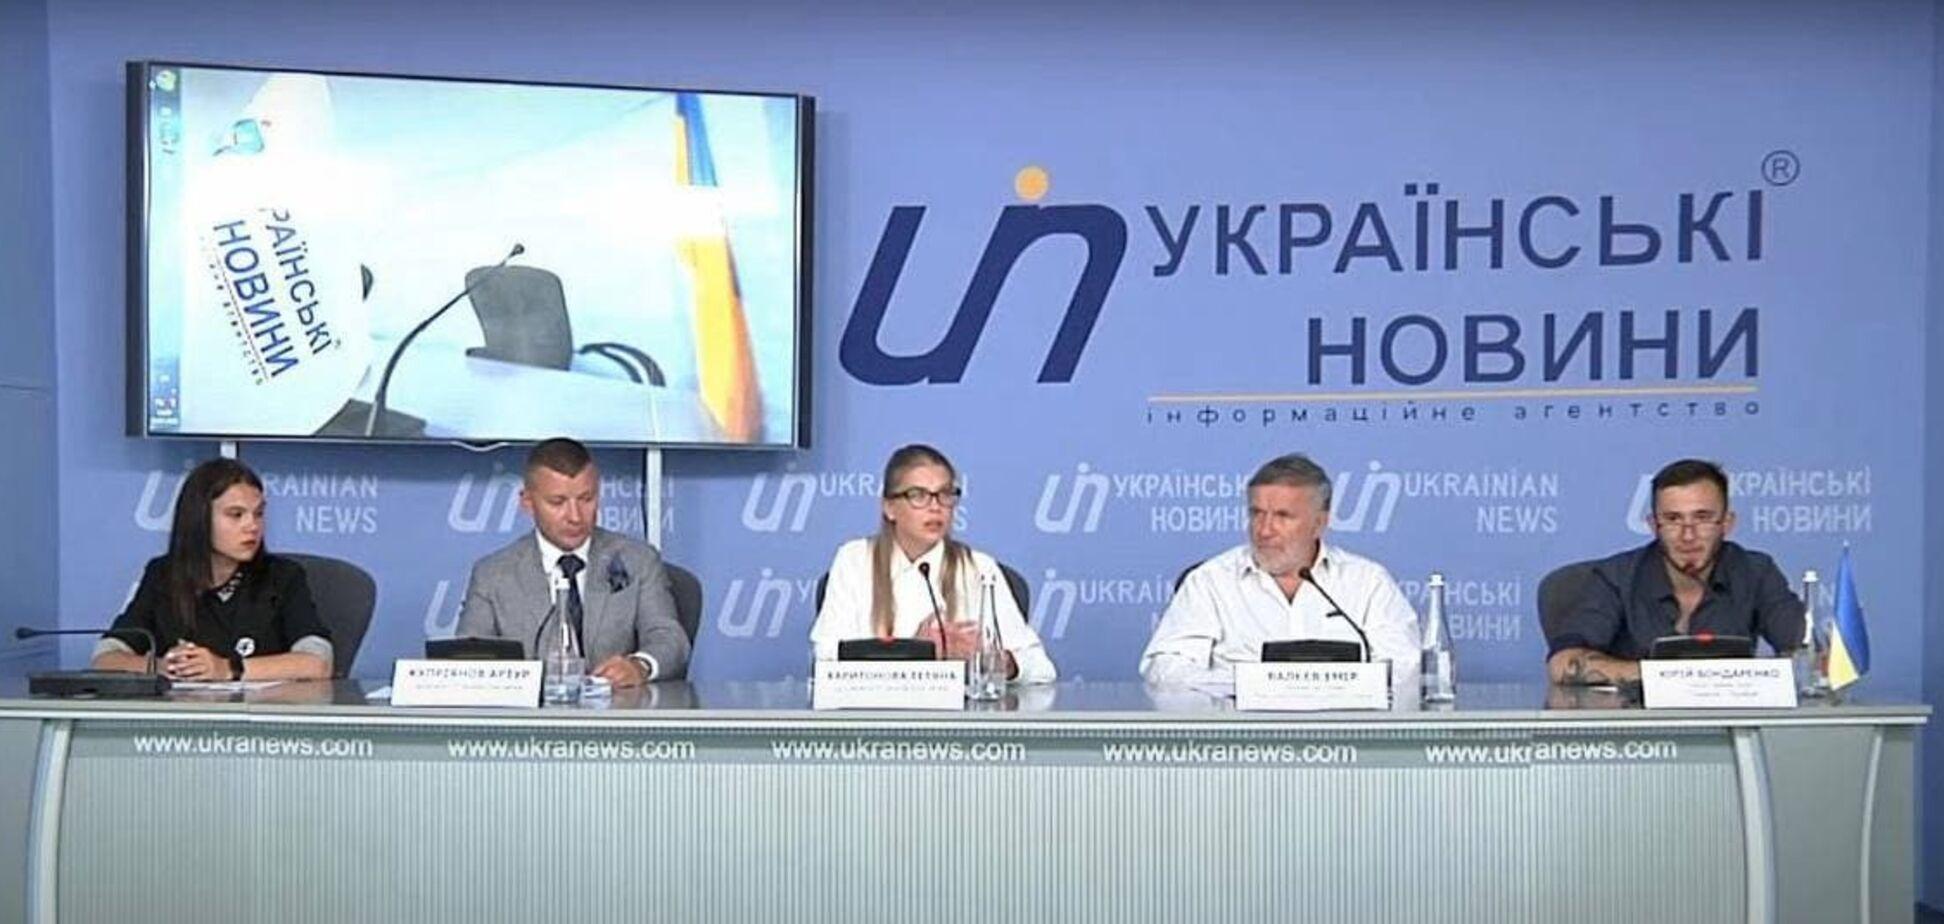 В Черногории по запросу РФ задержали украинского бизнесмена: детали скандала